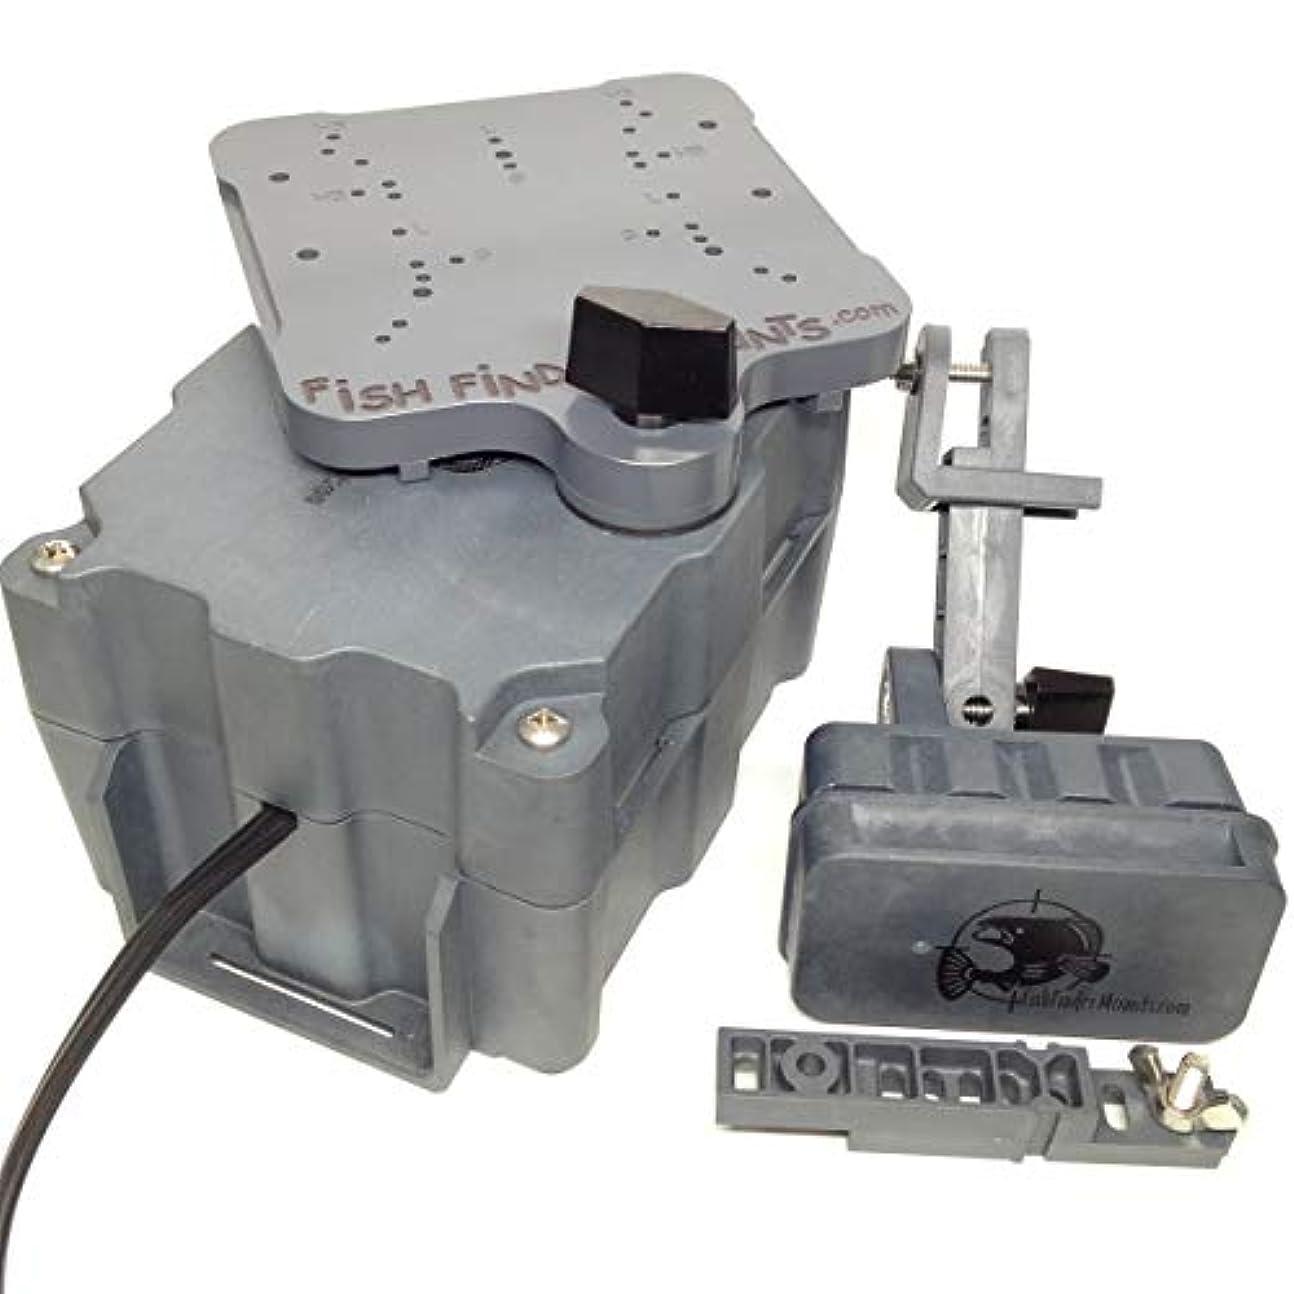 加速する雑草スリップシューズ魚探用マウントフルセットキット 5ahバッテリーボックス 4.5インチプラットフォーム マグネットトランスデューサー マウントキット 振動子